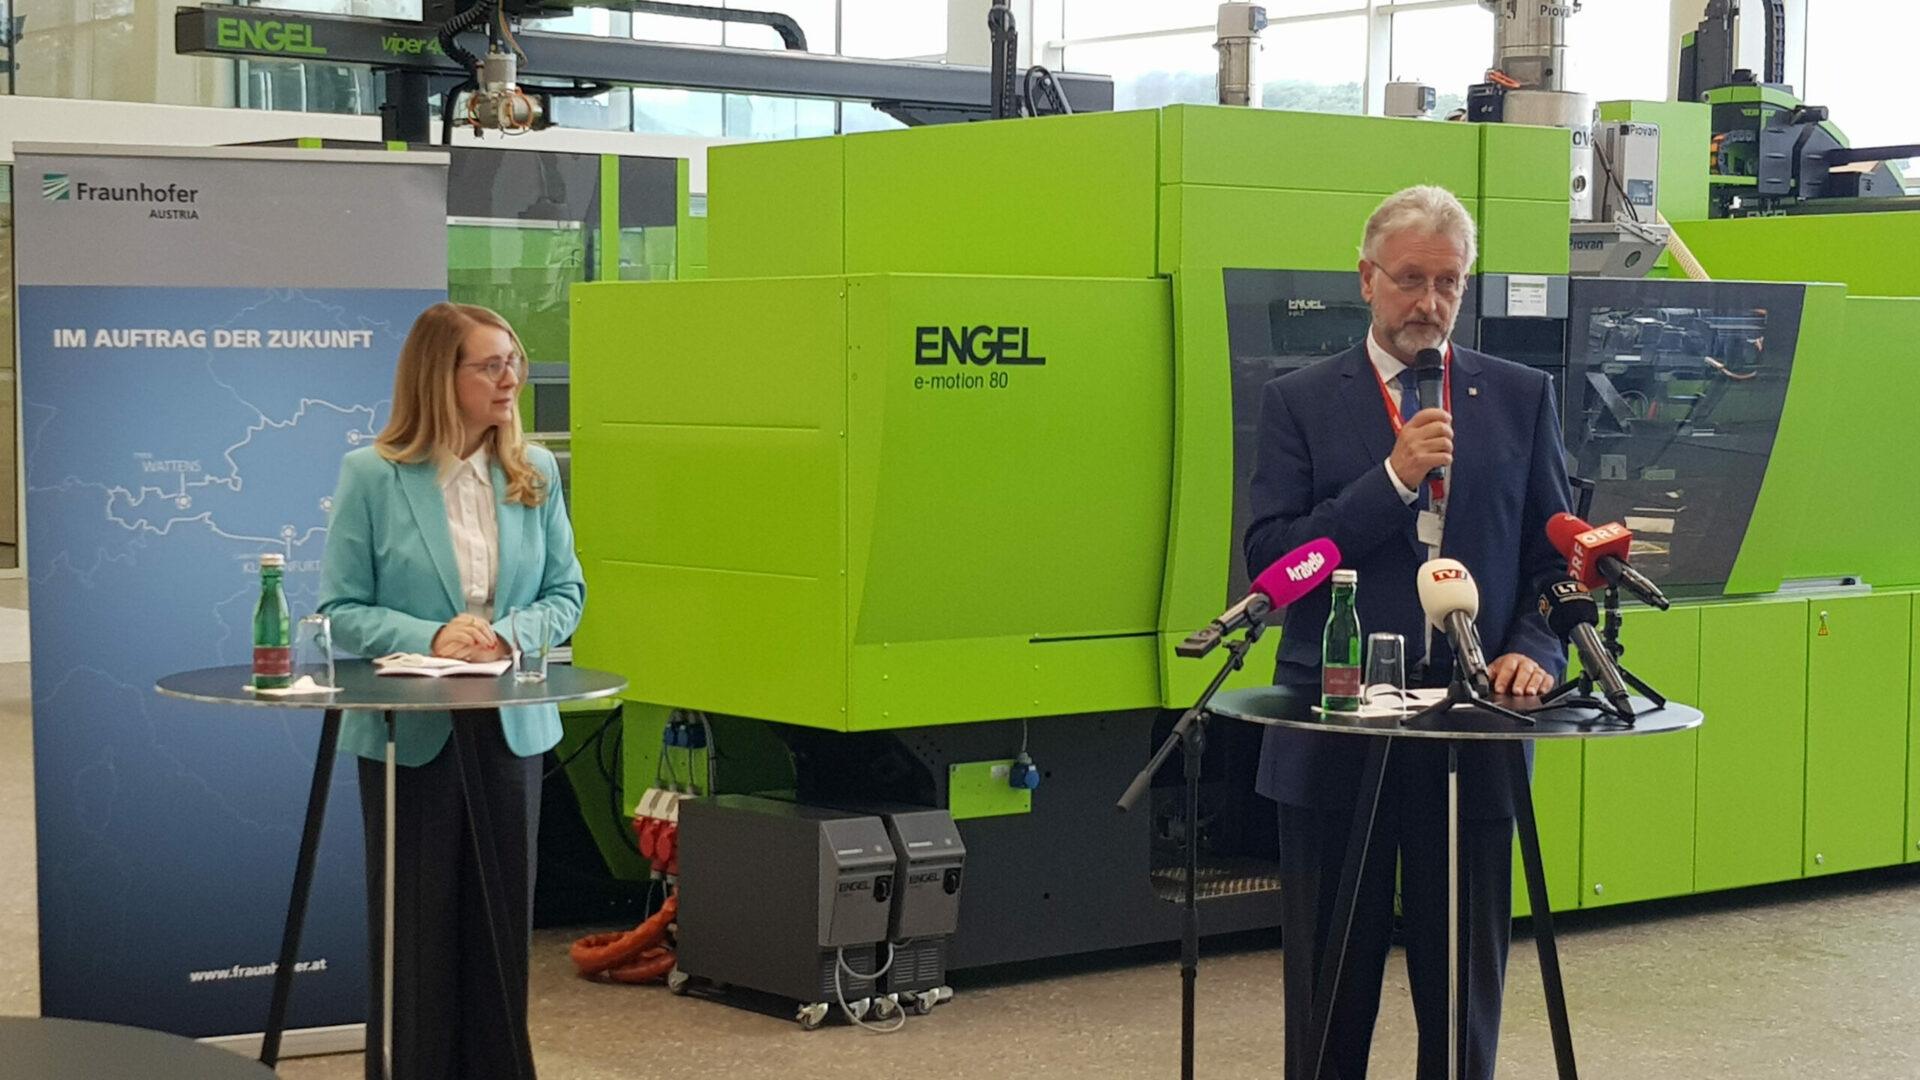 Wirtschafts- und Forschungsministerin Margarete Schramböck und Professor Dieter W. Fellner